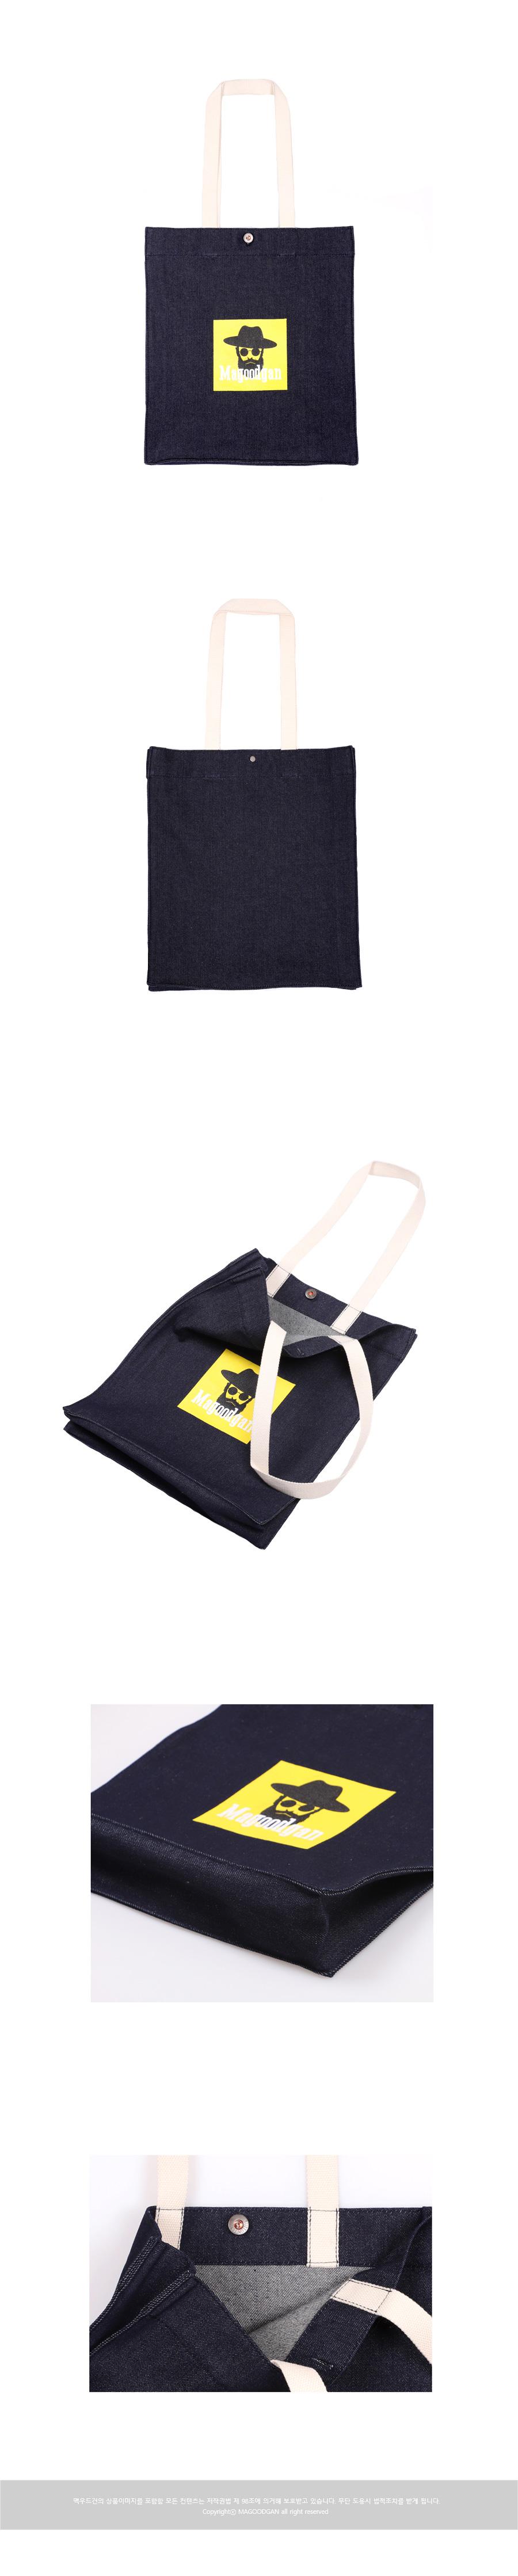 가방 9101-로우데님 에코(인디고블루) - 맥우드건, 29,500원, 캔버스/에코백, 에코백